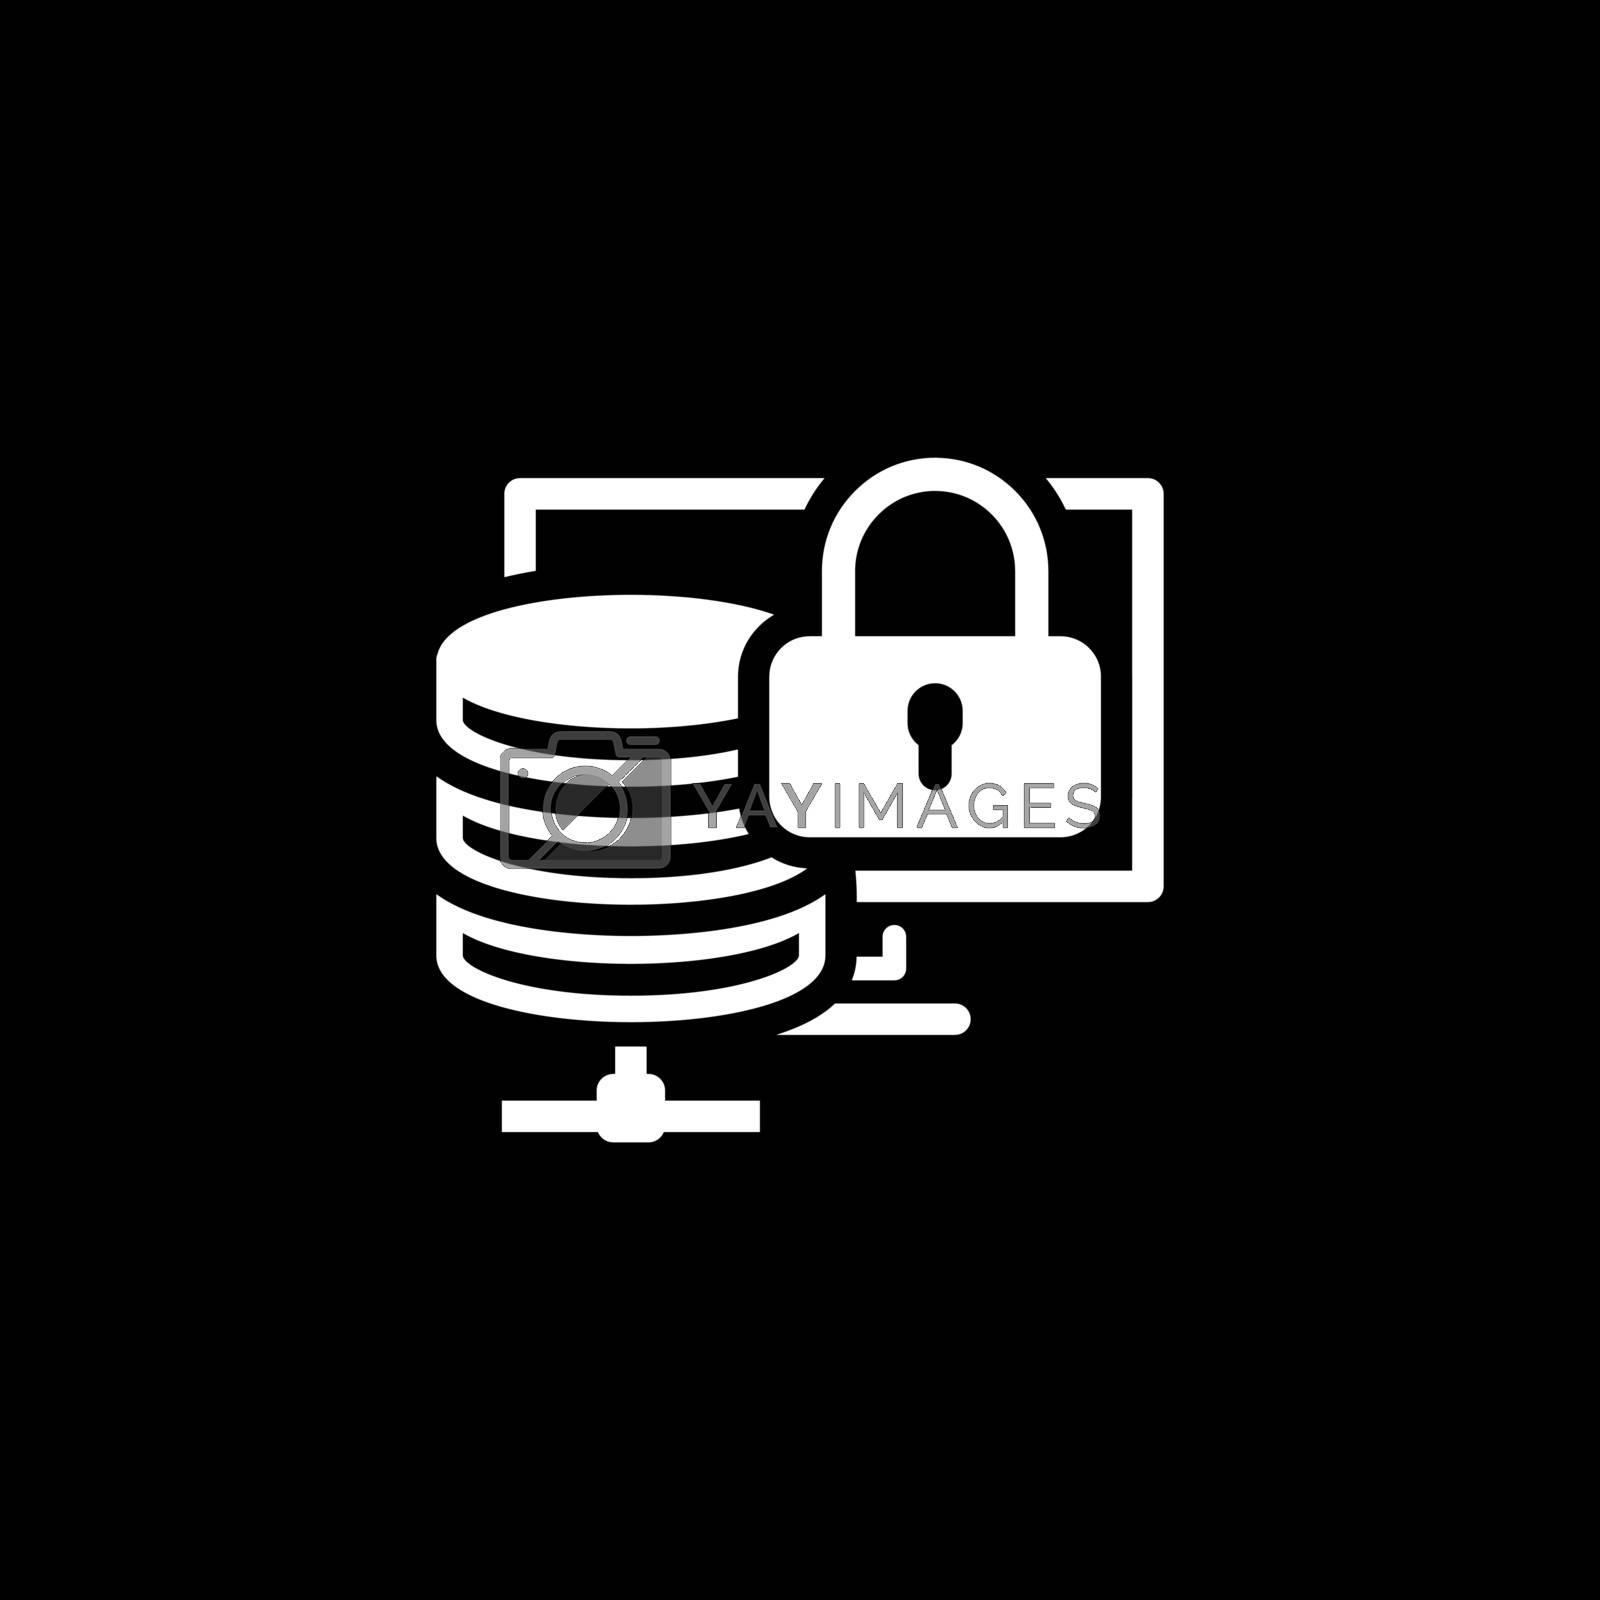 Secure Storage Icon. Flat Design Isolated Illustration.